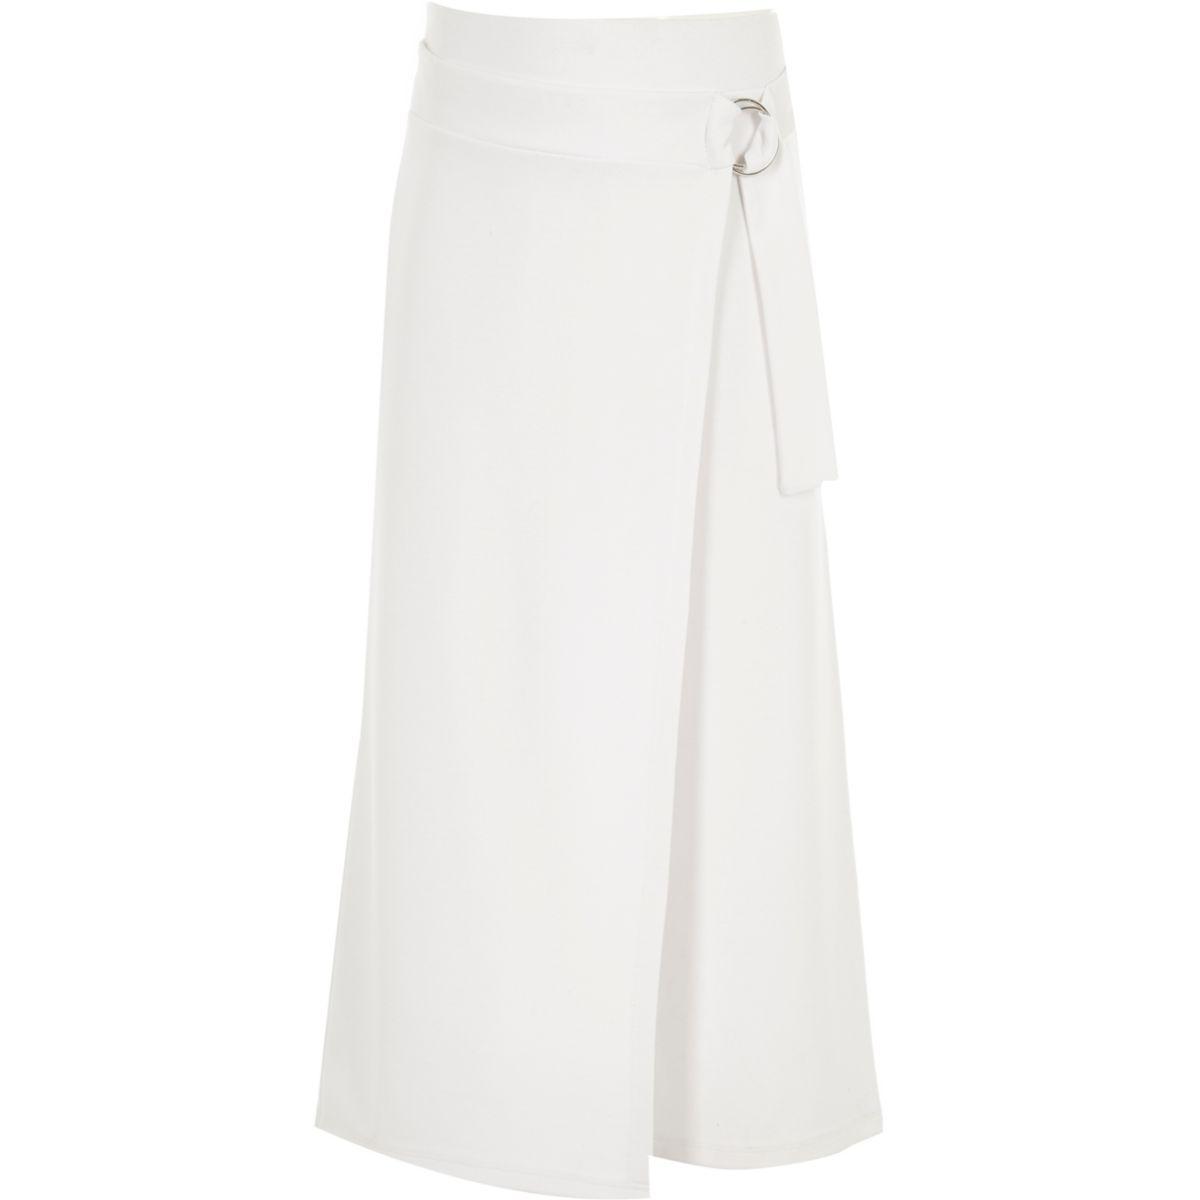 Jupe-culotte blanche style portefeuille avec anneau en D pour fille